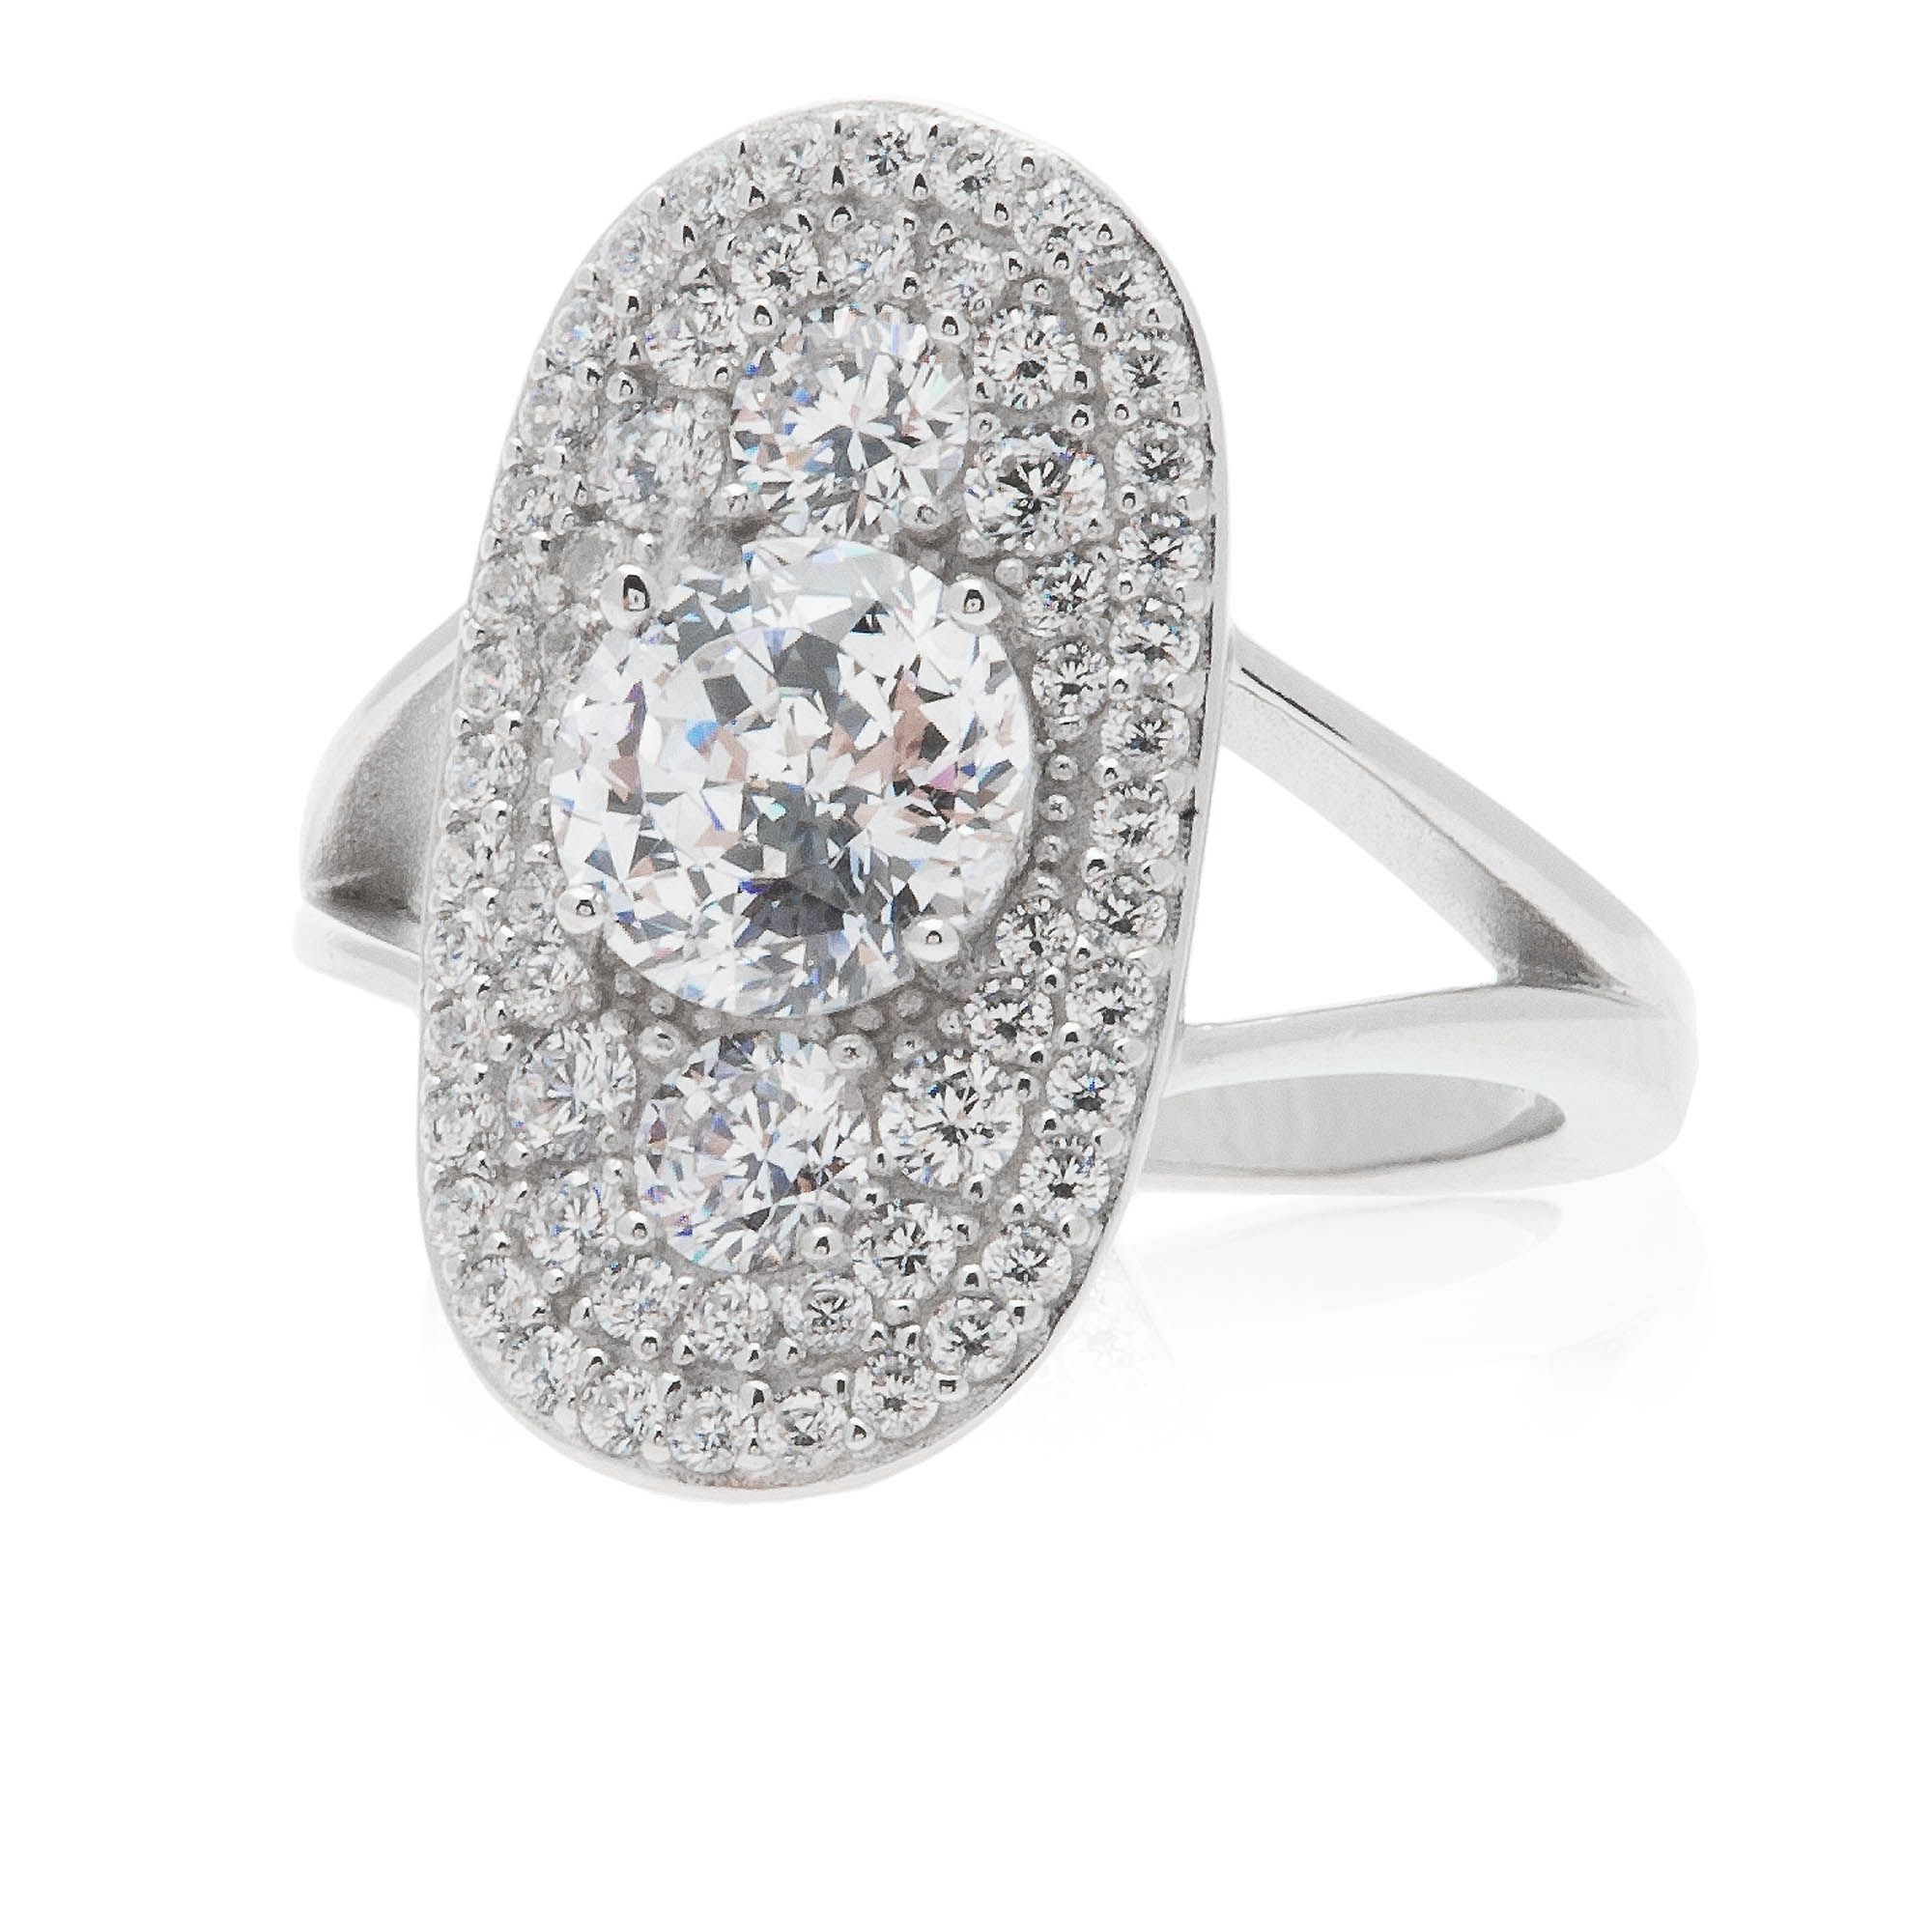 Diamonique 100 anello ovale pari a in argento 925 qvc italia - Qvc marchi cucina ...